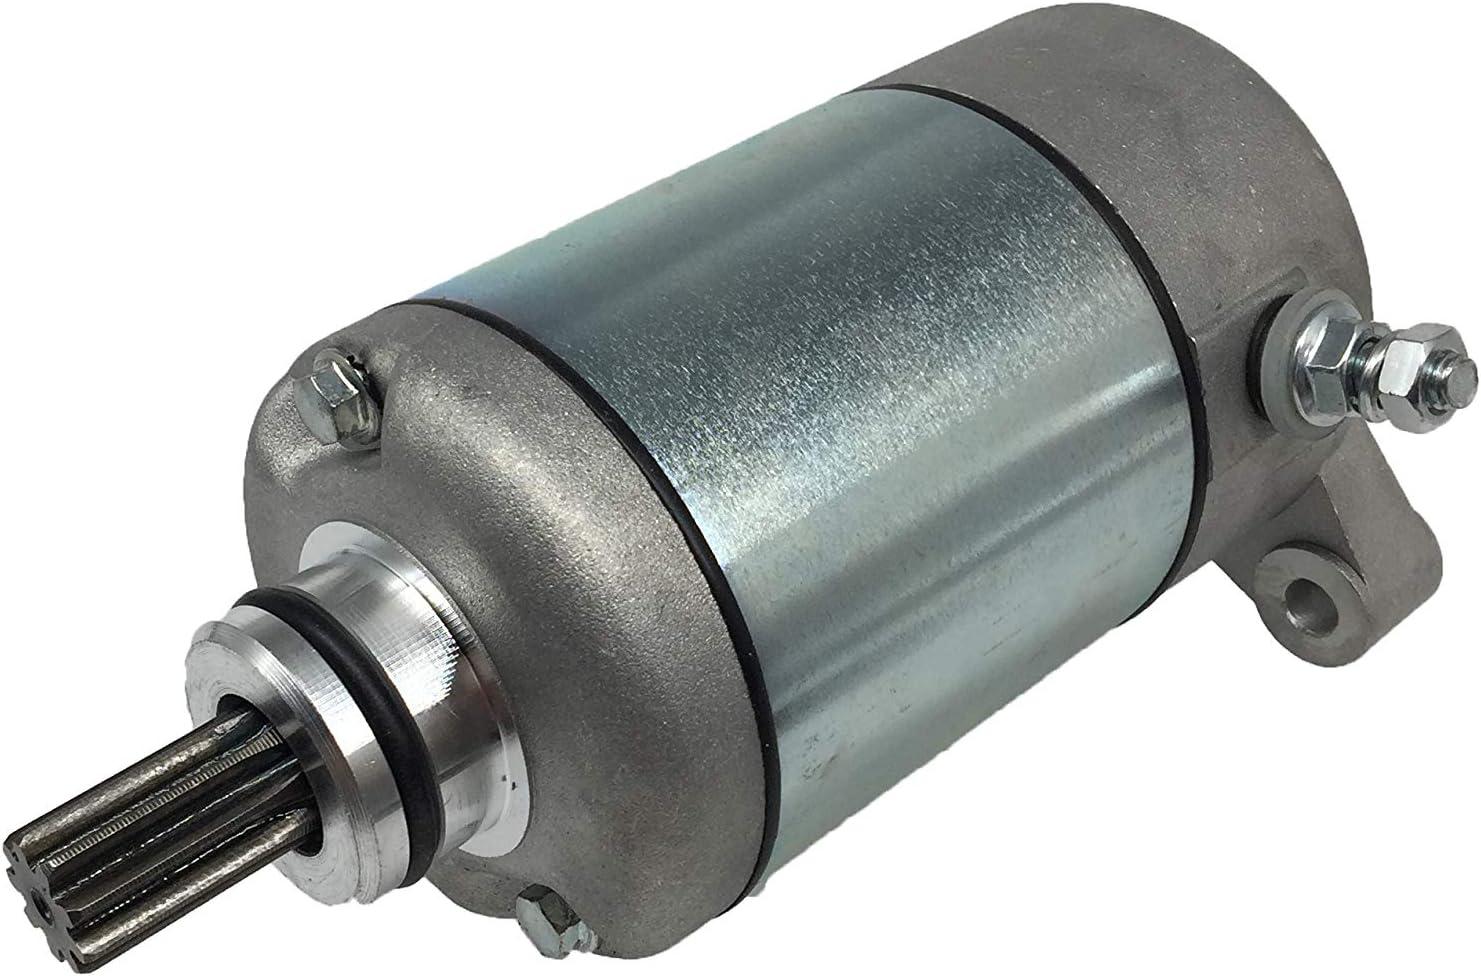 Starter Drive /& Relay Solenoid For Polaris Utility Vehicle UTV 3090188